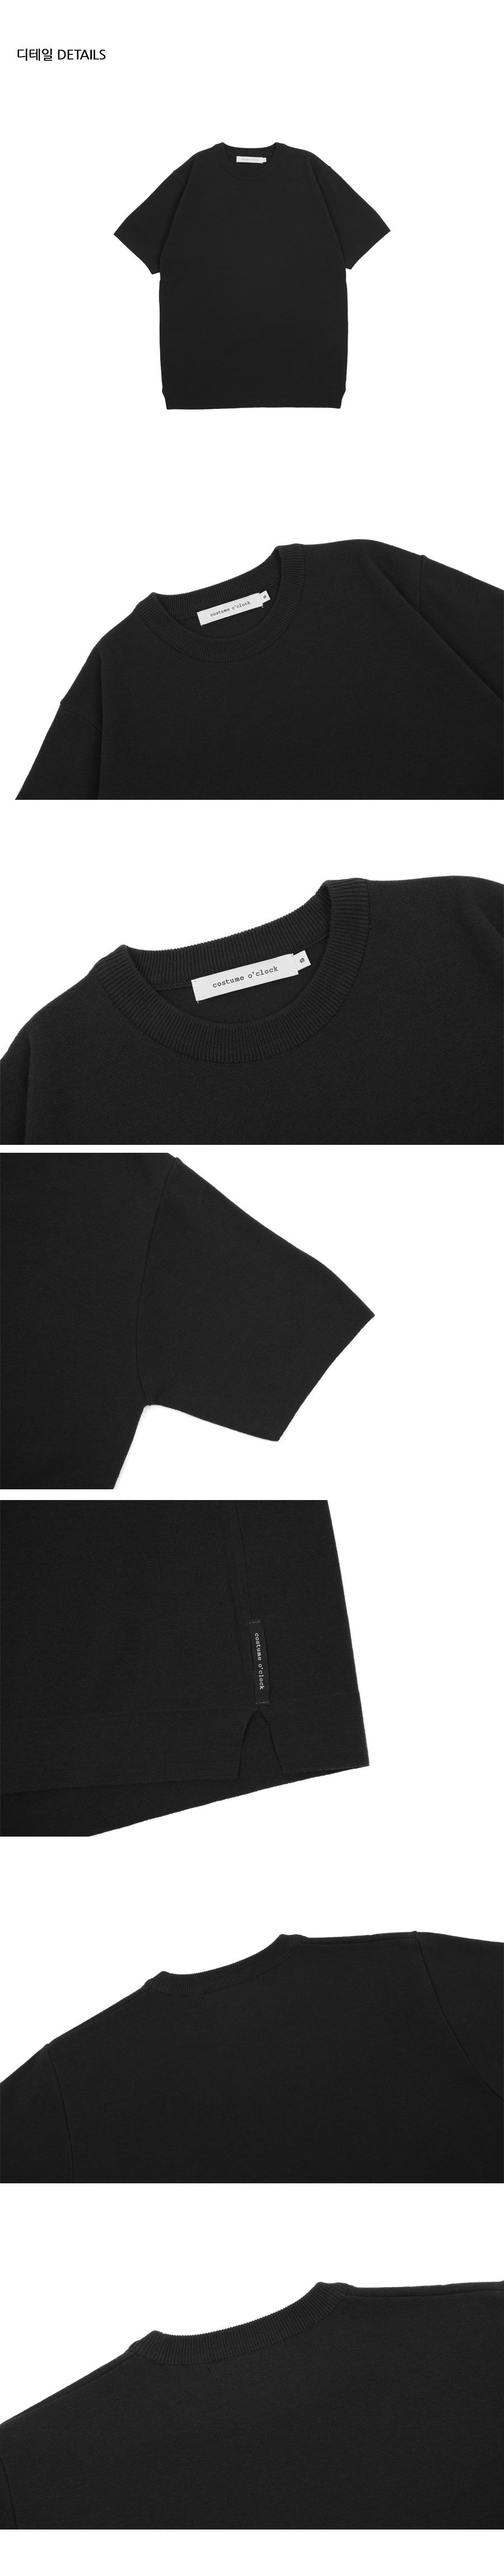 커스텀어클락(COSTUME O'CLOCK) 쿨 소프트 숏 슬리브 크루넥 니트 블랙